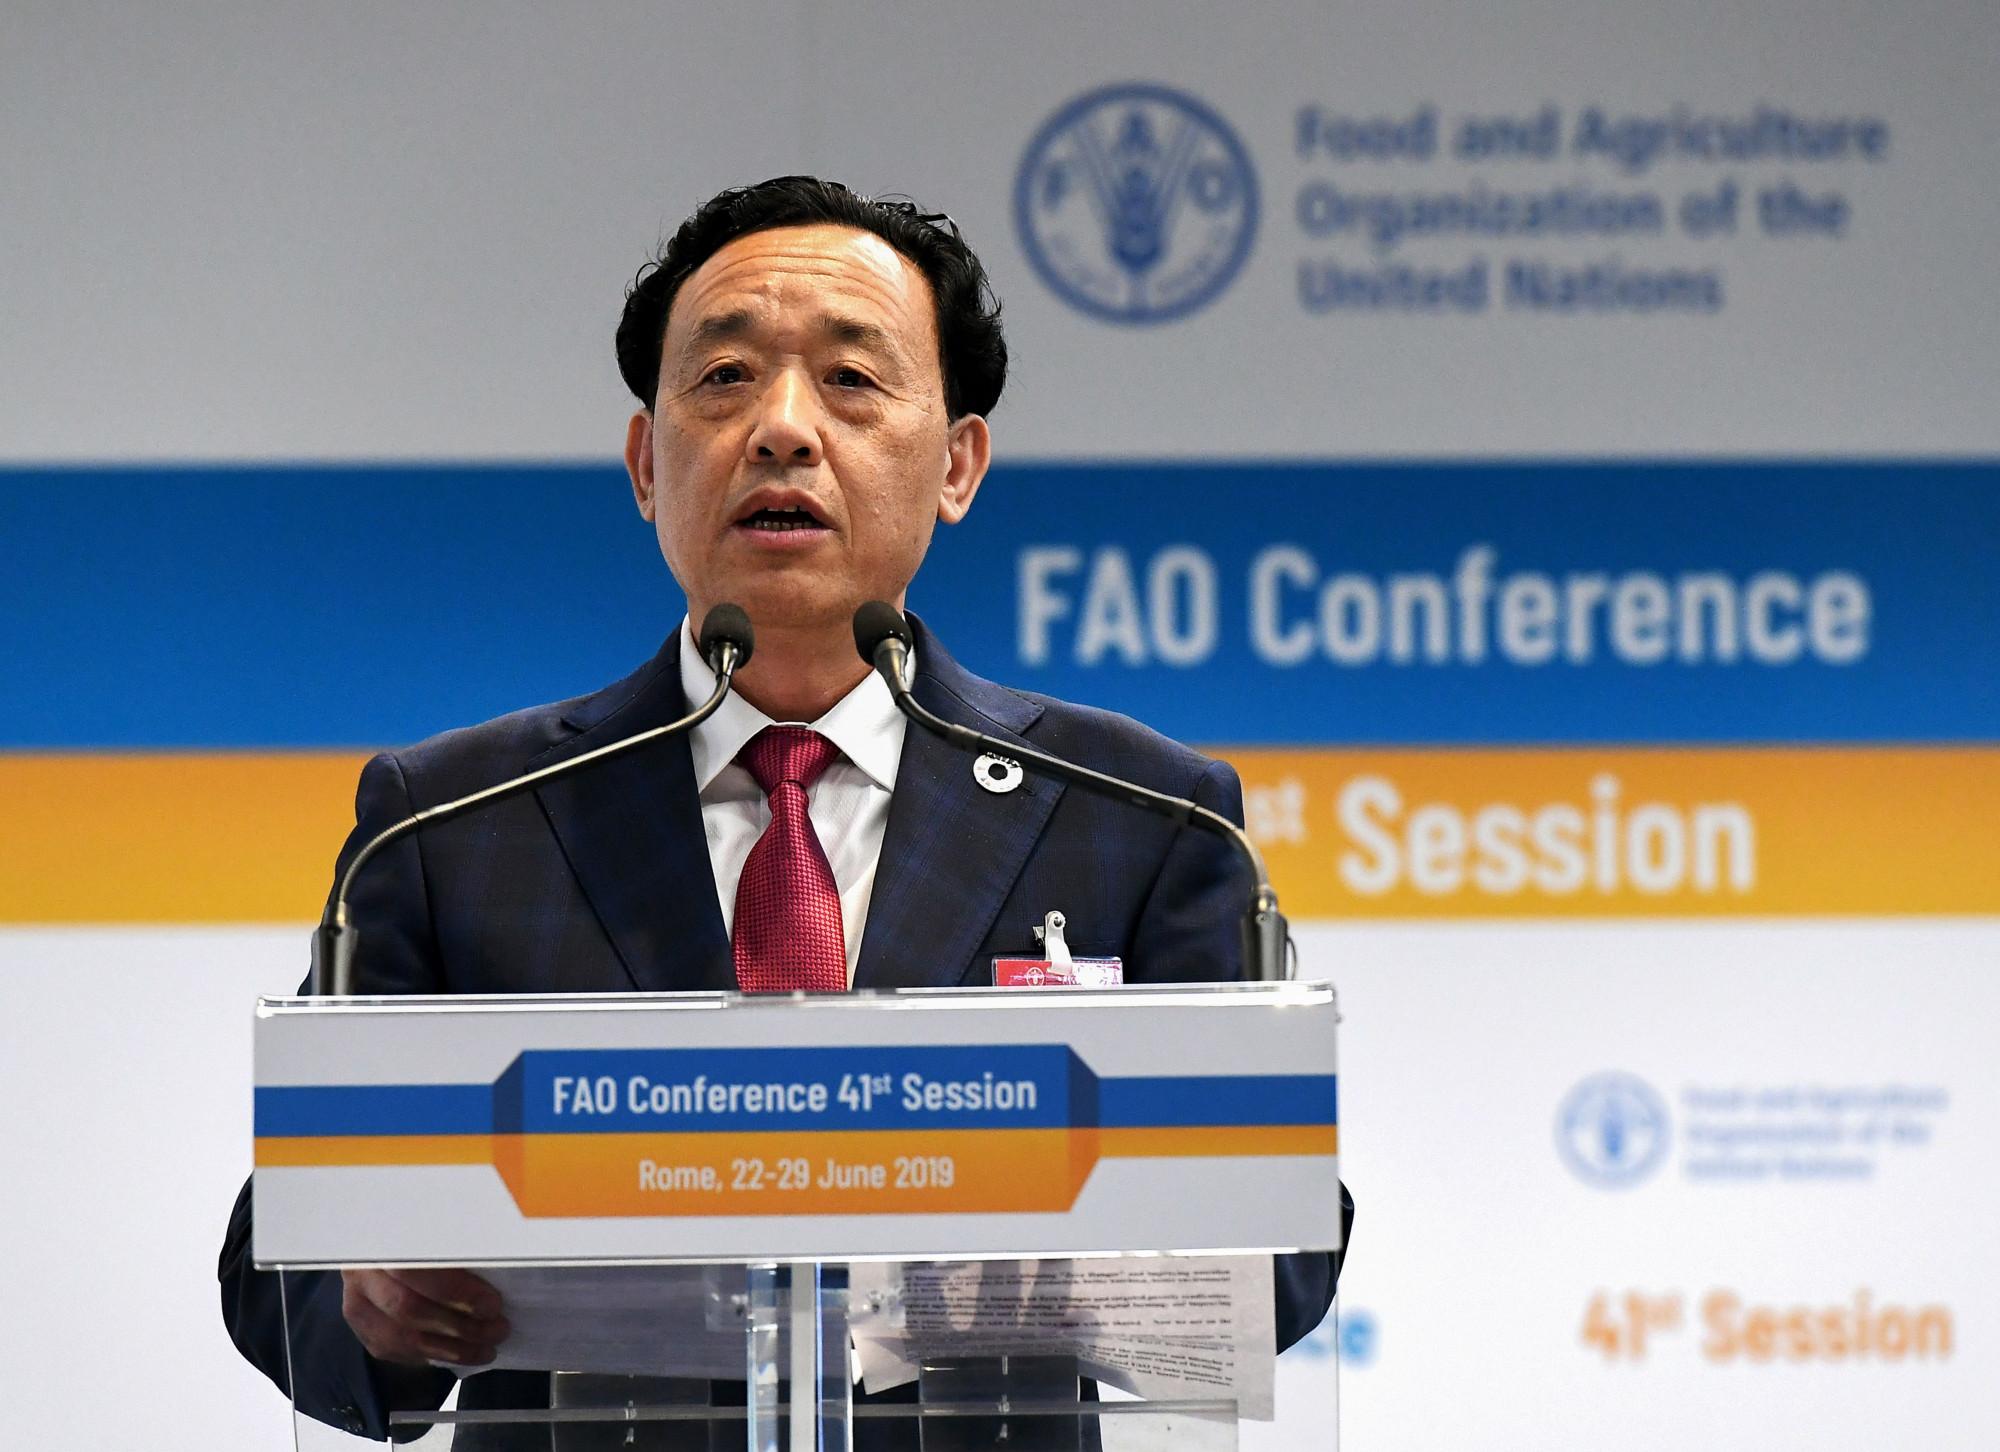 O candidato chinês a chefiar a Organização das Nações Unidas para Agricultura e Alimentação (FAO), Qu Dongyu, se dirige aos membros e delegados da FAO durante a assembleia plenária para a eleição do novo Diretor Geral da FAO, realizada na Sede da FAO, em Roma, Itália, em 22 de junho de 2019 (Vincenzo Pinto / AFP via Getty Images)